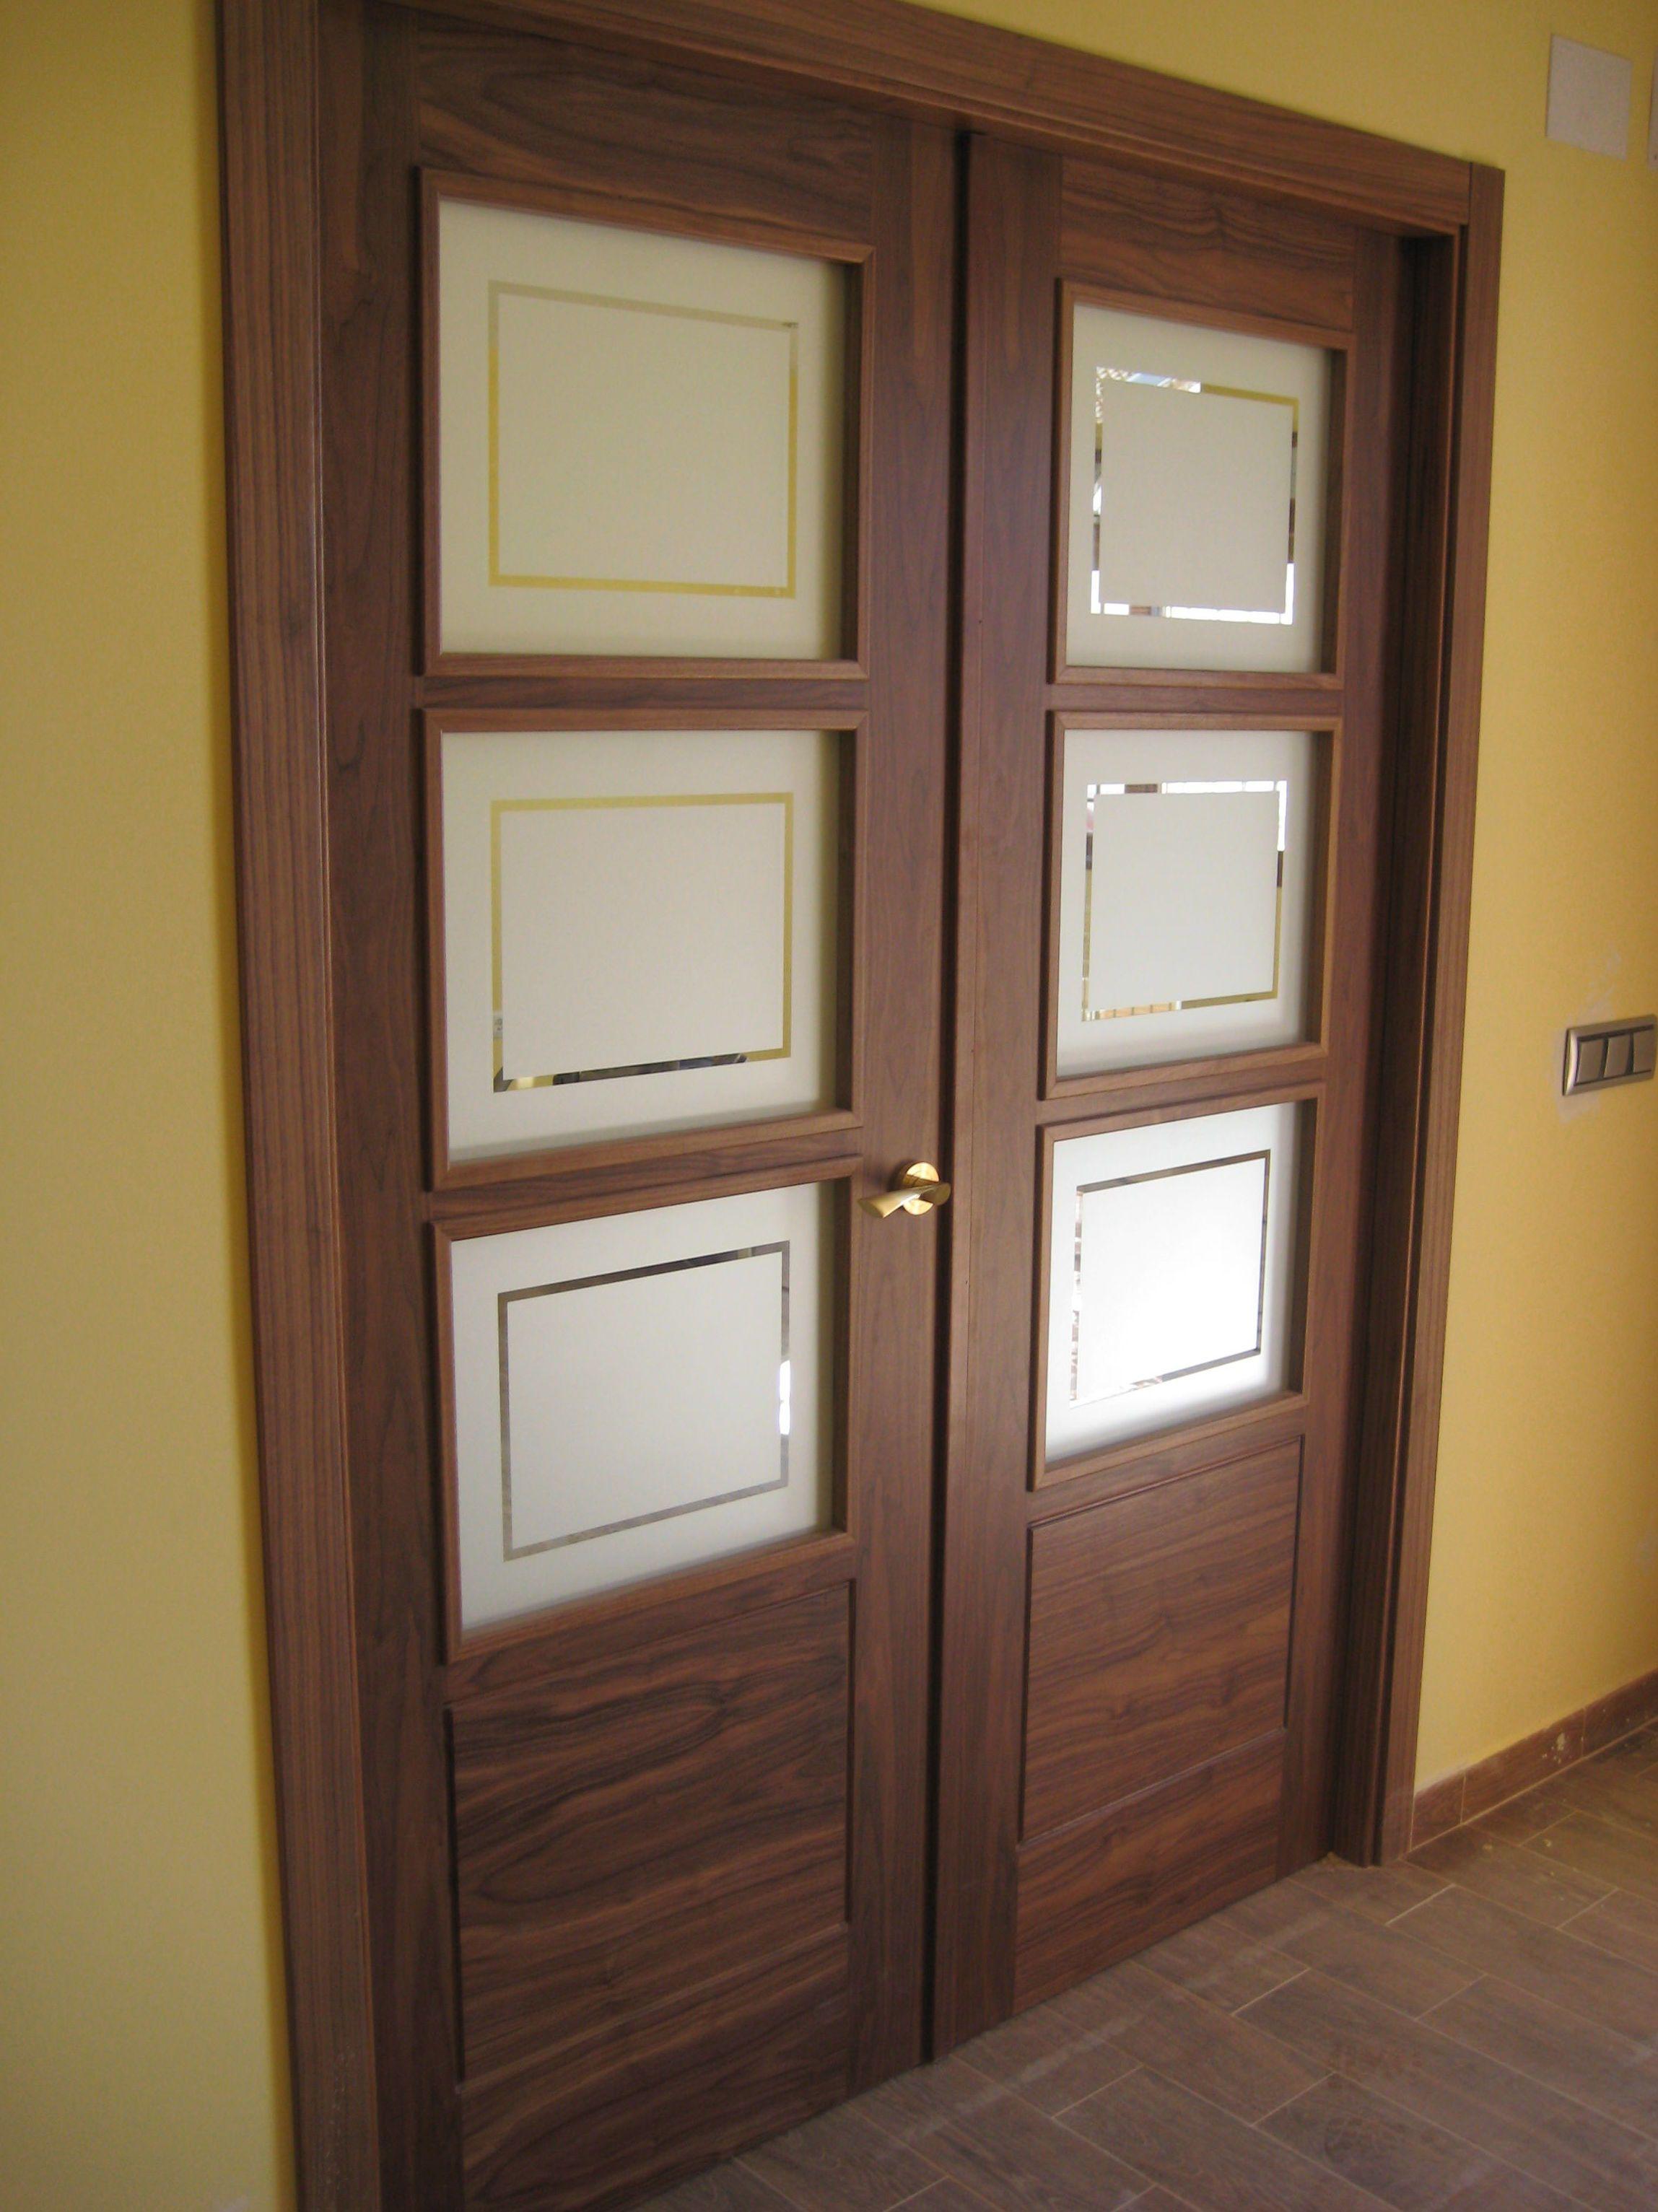 Puerta Doble De Salón Modelo 8400 V3 En Nogal Puertas De Aluminio Modernas Puertas Interiores De Vidrio Diseño De Puerta De Madera